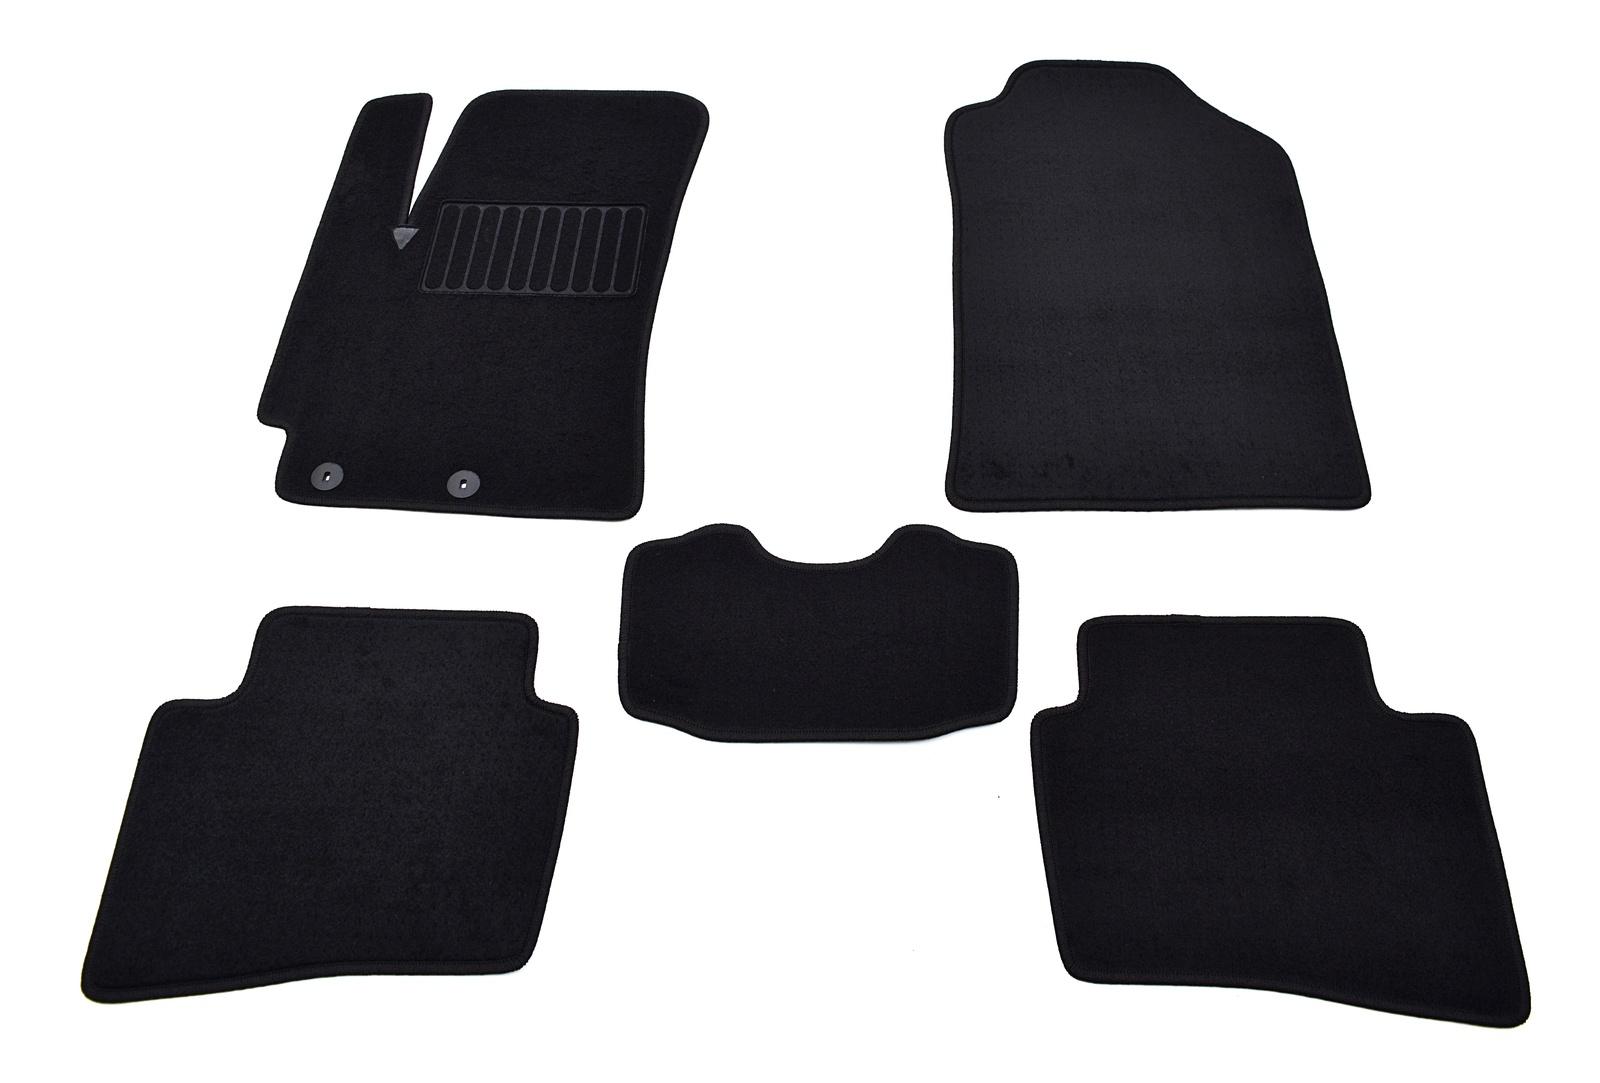 Коврики в салон автомобиля SV Design, для kia sorento, 2009-2012, 7 местные, с 3-рядом, 2945-unf3-16m, текстильные, черный